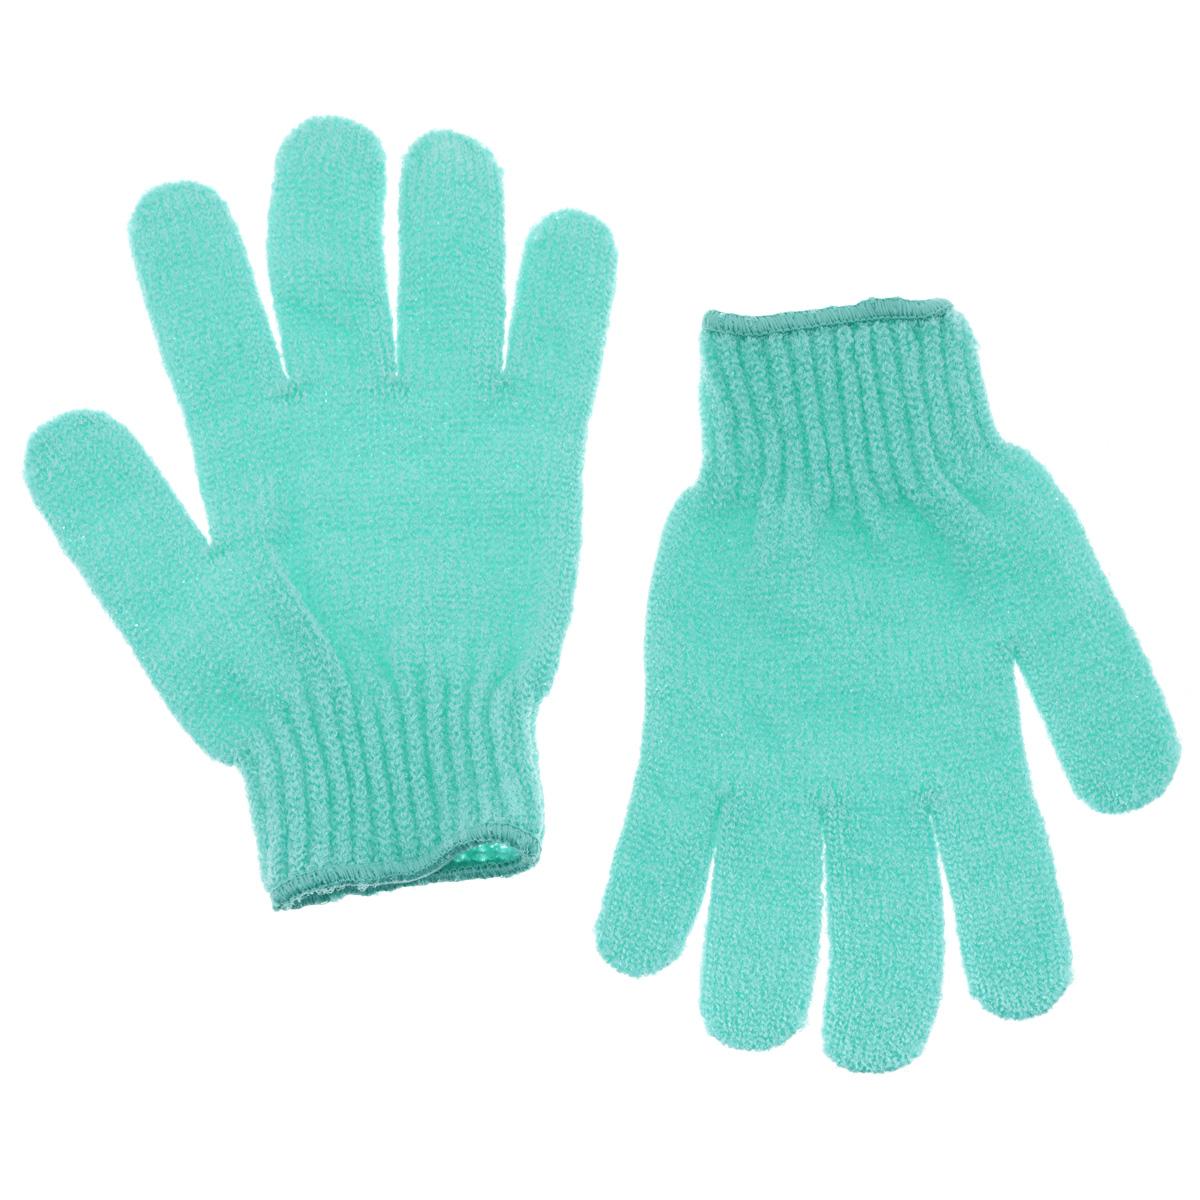 Riffi Перчатки для пилинга, цвет: светло-зеленый615_светло-зеленыйЭластичные безразмерные перчатки Riffi обладают активным антицеллюлитным эффектом и отличным пилинговым действием, тонизируя, массируя и эффективно очищая вашу кожу. Riffi освобождает кожу от отмерших клеток, стимулирует регенерацию. Эффективно предупреждают образование целлюлита и обеспечивают омолаживающий эффект. Кожа становится гладкой, упругой и лучше готовой к принятию косметических средств. Интенсивный и пощипывающе свежий массаж тела с применением Riffi стимулирует кровообращение, активирует кровоснабжение, способствует обмену веществ. В комплекте 1 пара перчаток. Характеристики: Материал: 100% полиакрил. Размер перчатки (в нерастянутом виде): 17,5 см x 12,5 см. Артикул: 615.